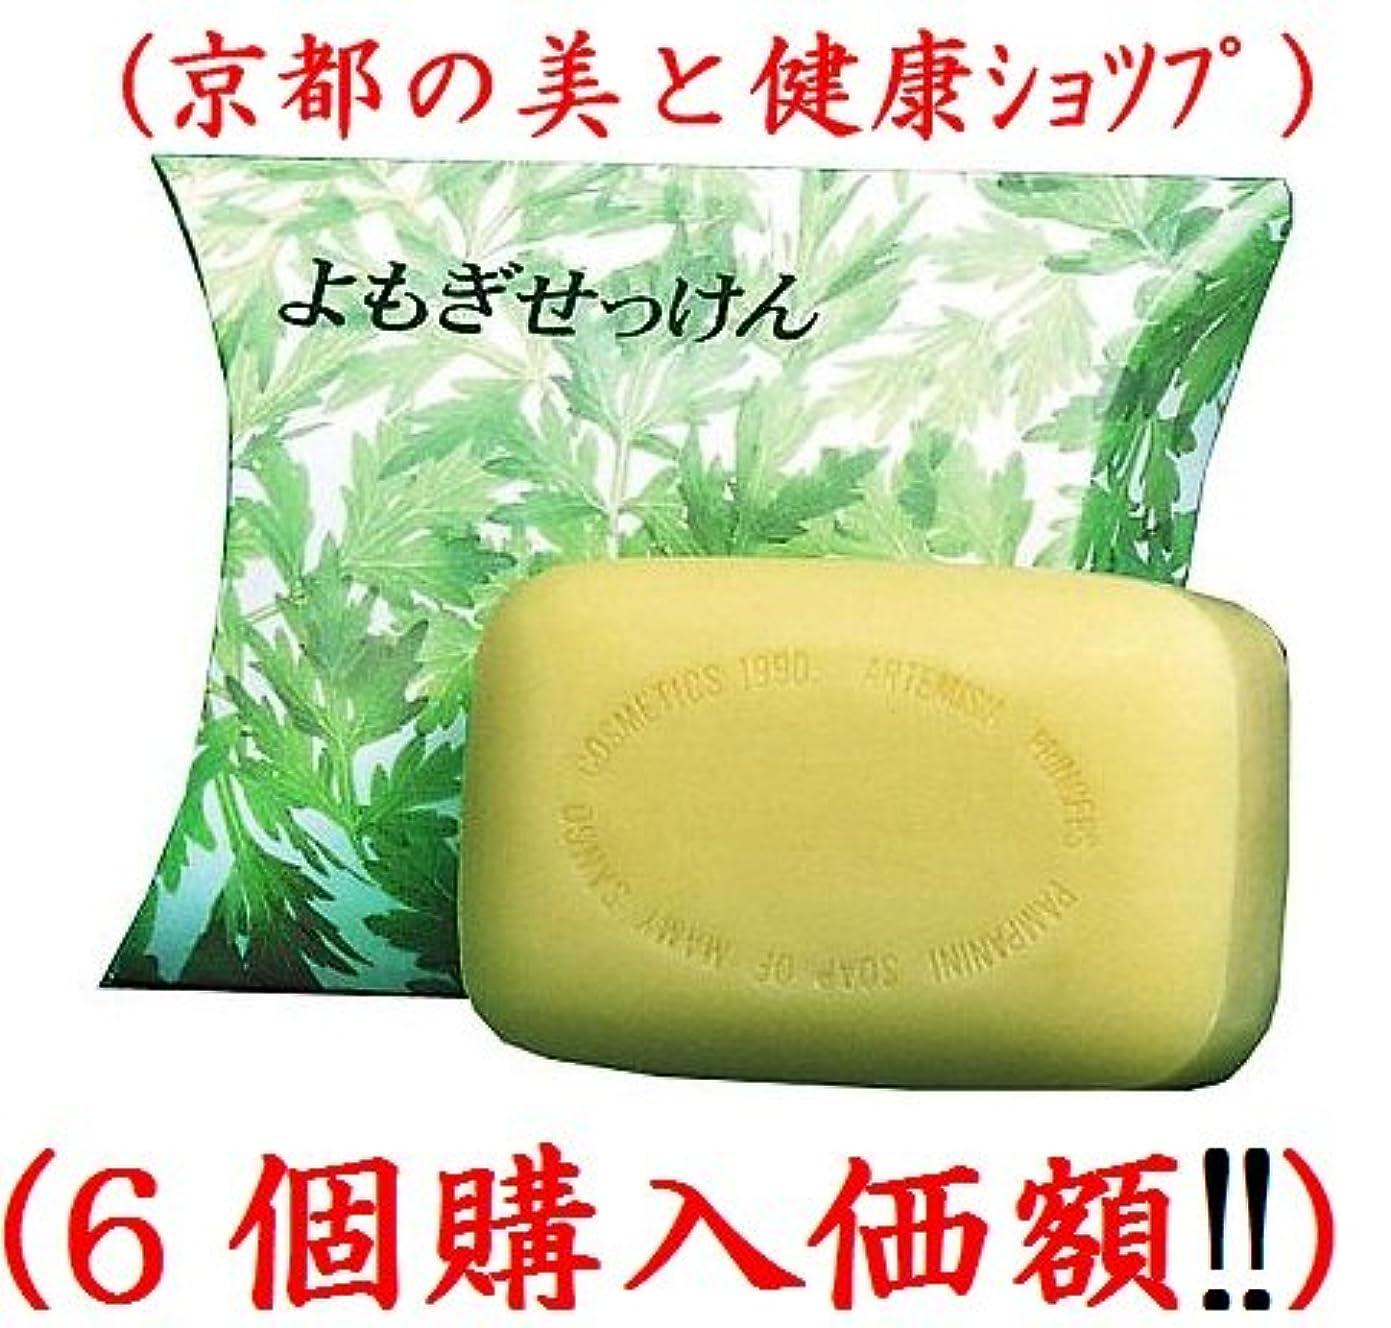 機械半円断片マミーサンゴソープAよもぎ石鹸95g(6個購入価額)